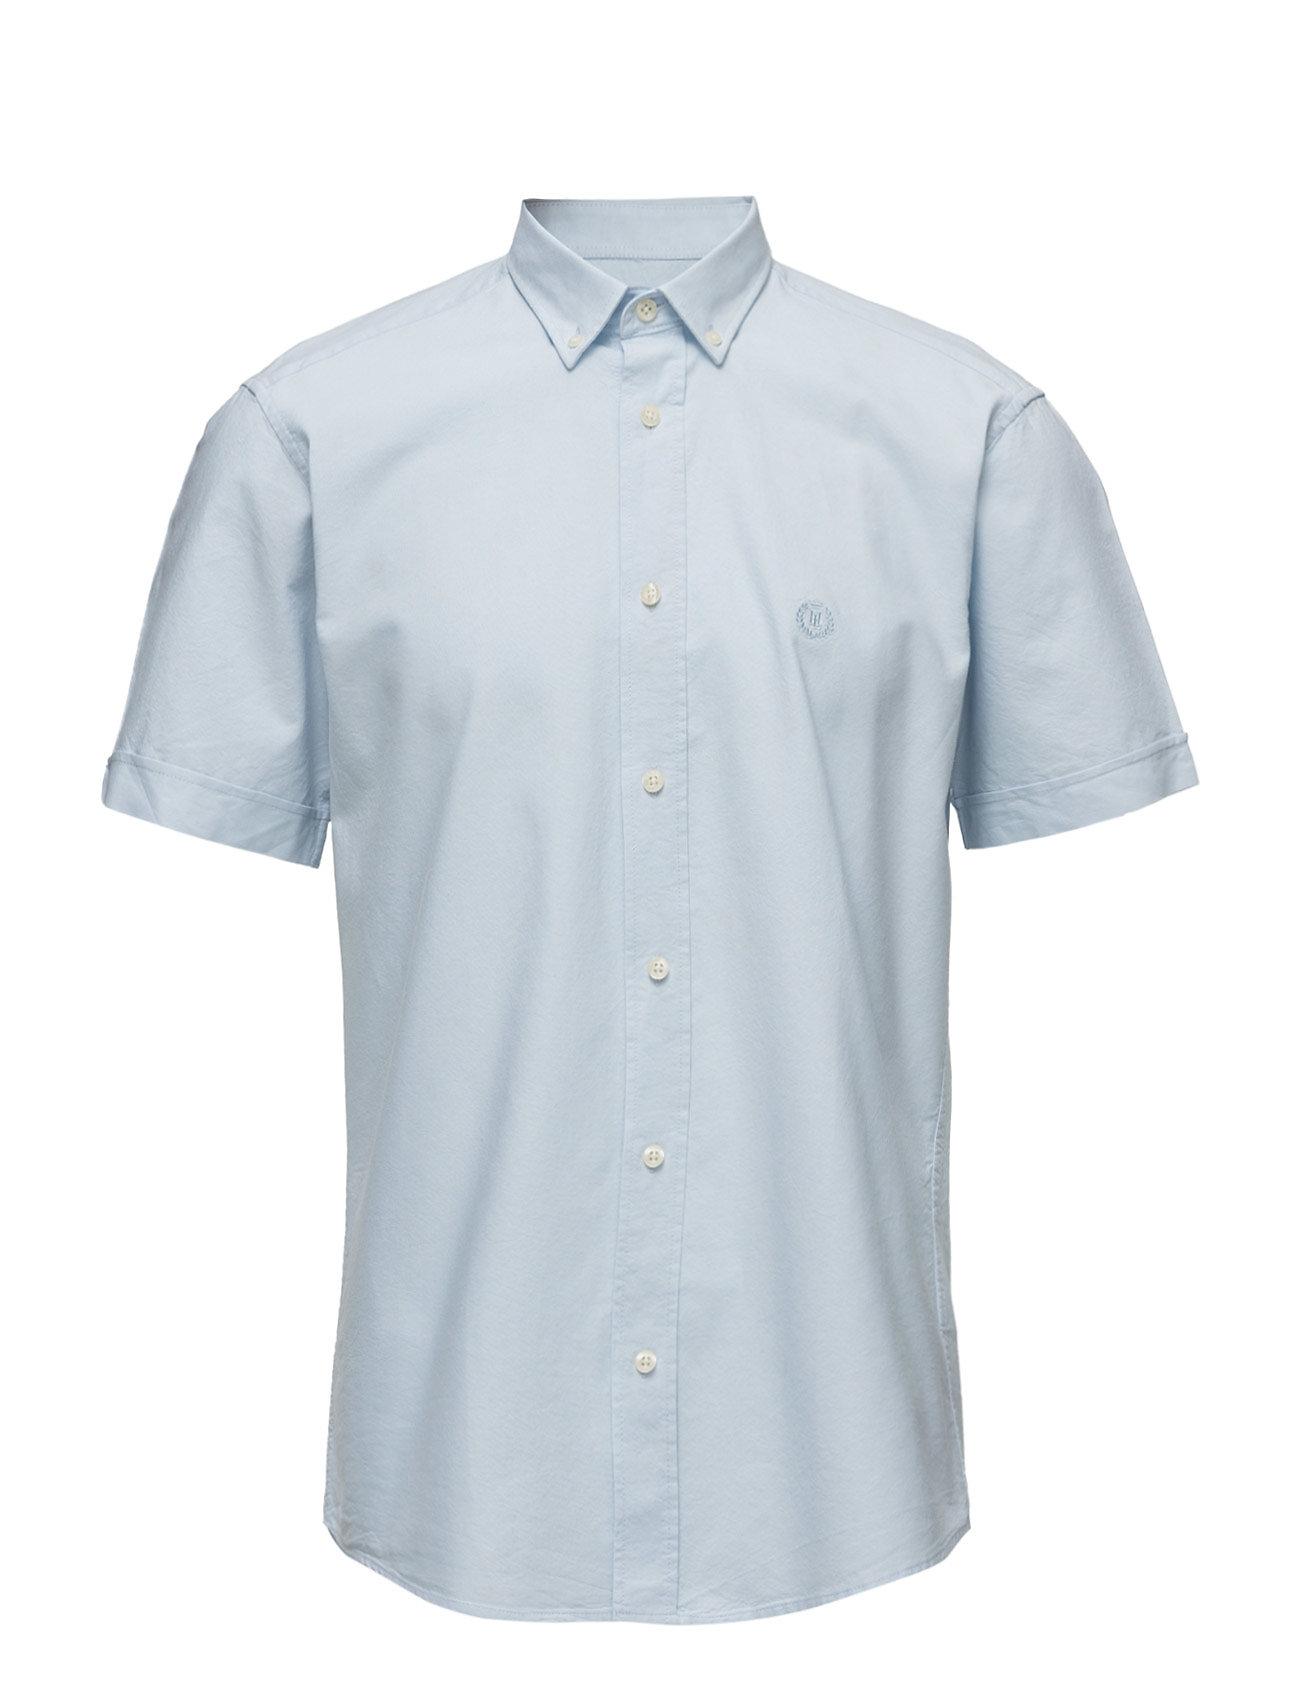 Henri Club Regular Shirt Ss Henri Lloyd Kortærmede til Herrer i